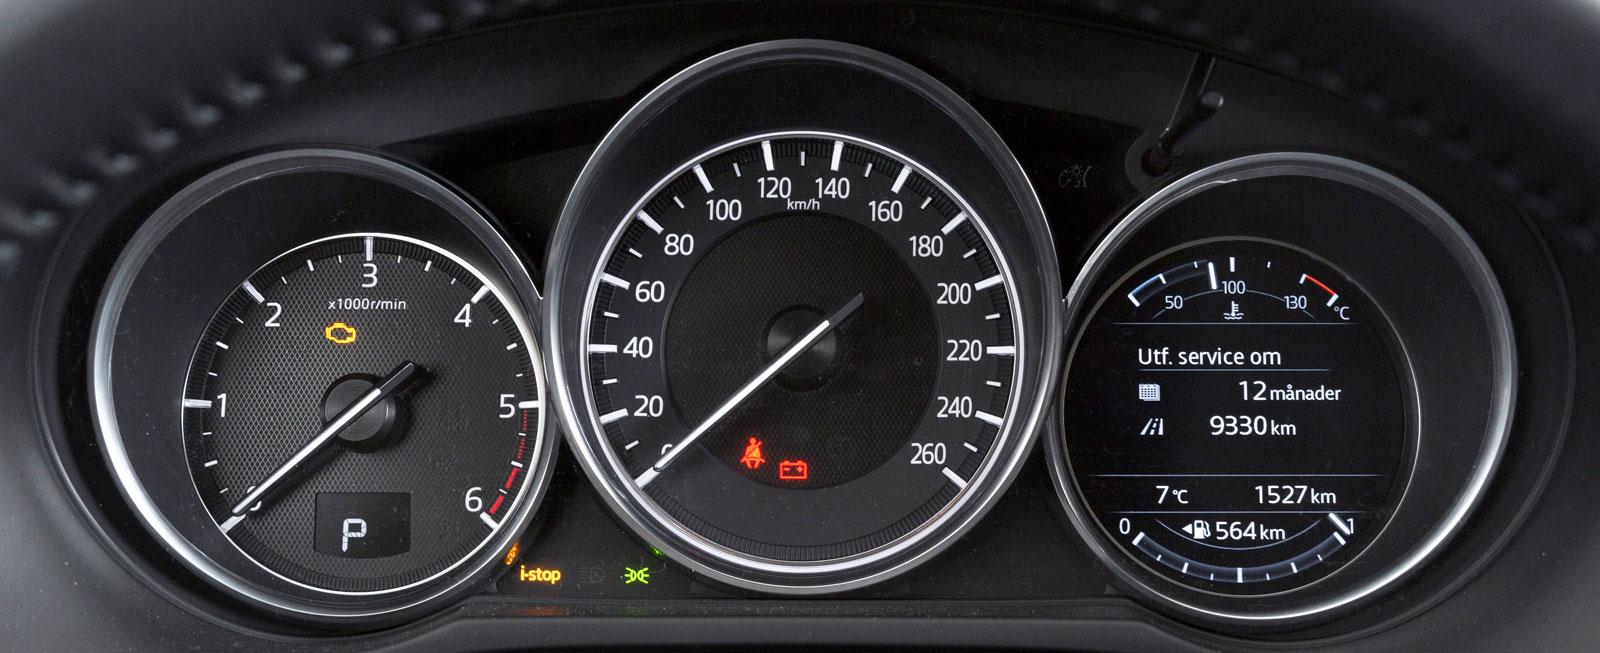 Mazda kör med tre instrumenttavlor, stor hastighetsmätare i mitten, liten varvtalsmätare till vänster, färdinformation till höger. Yttertemp alltid synbar. Genomtänkt och informativt.